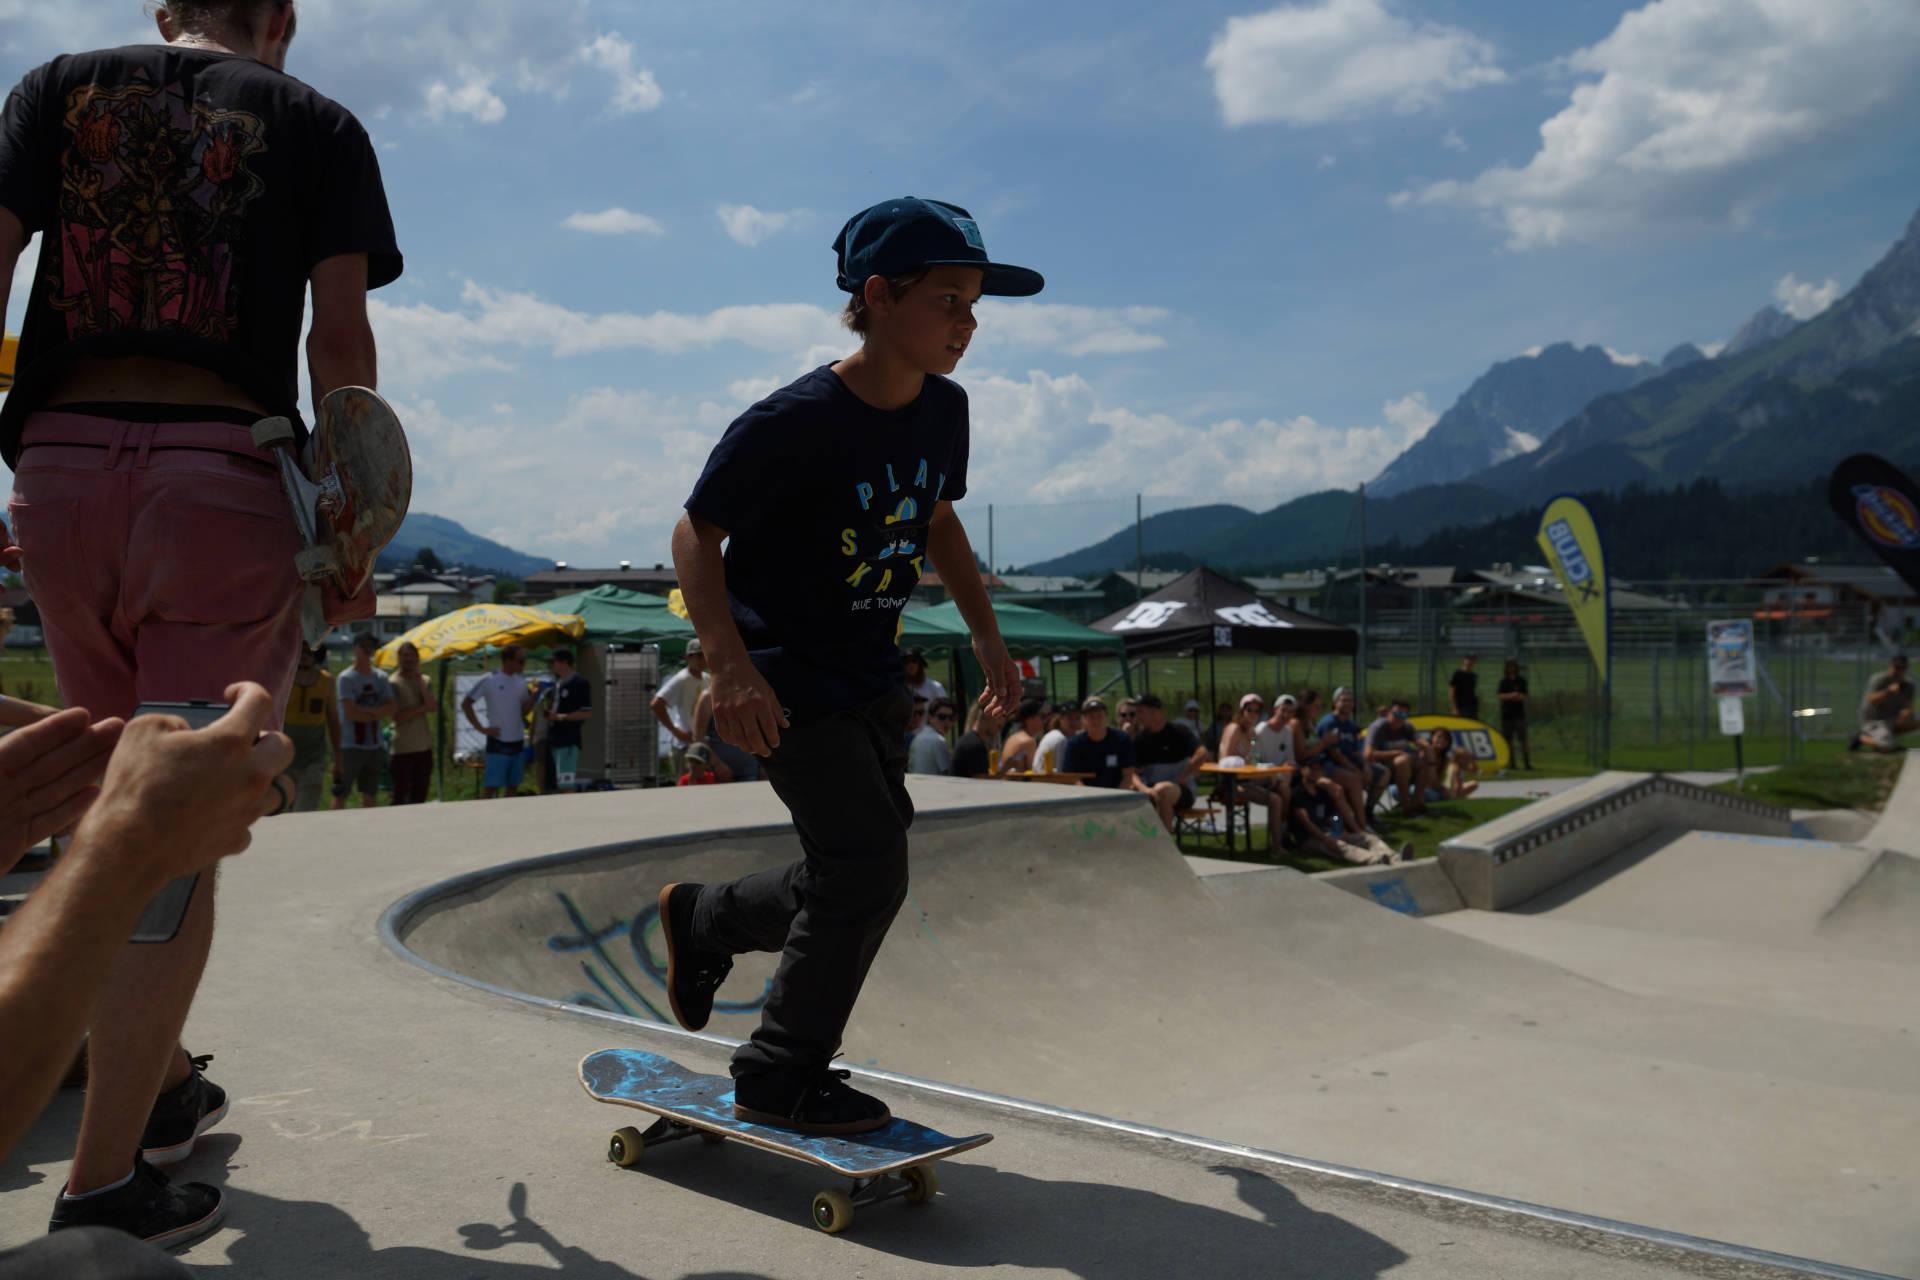 skateboardheadz st johann in tirol kgt 2019 finale 00008